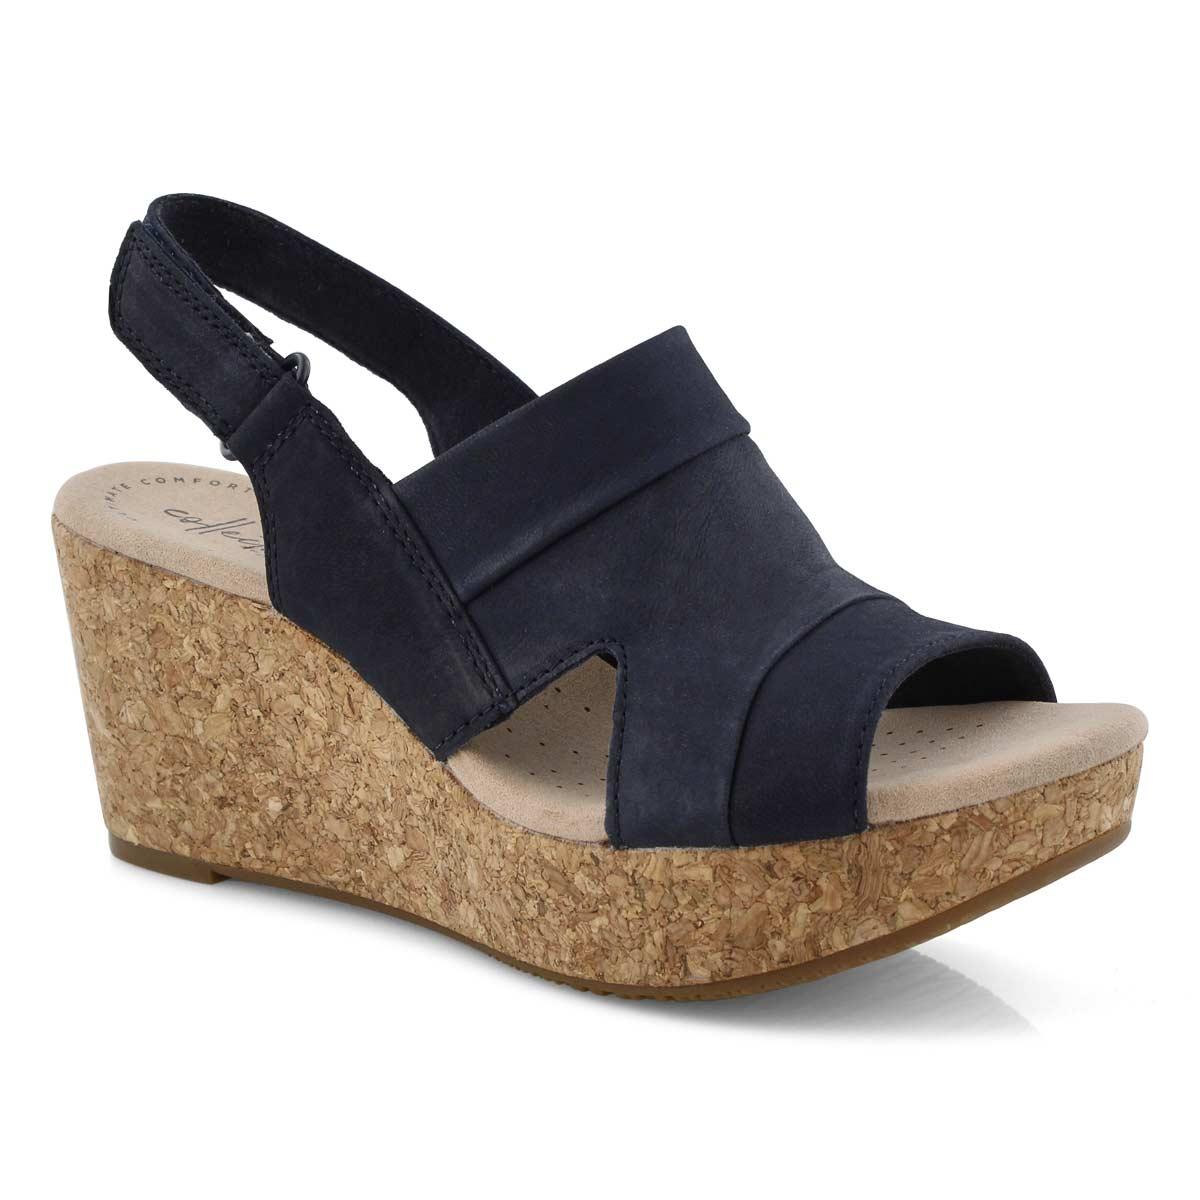 Lds Annadel Ivory navy wedge sandal